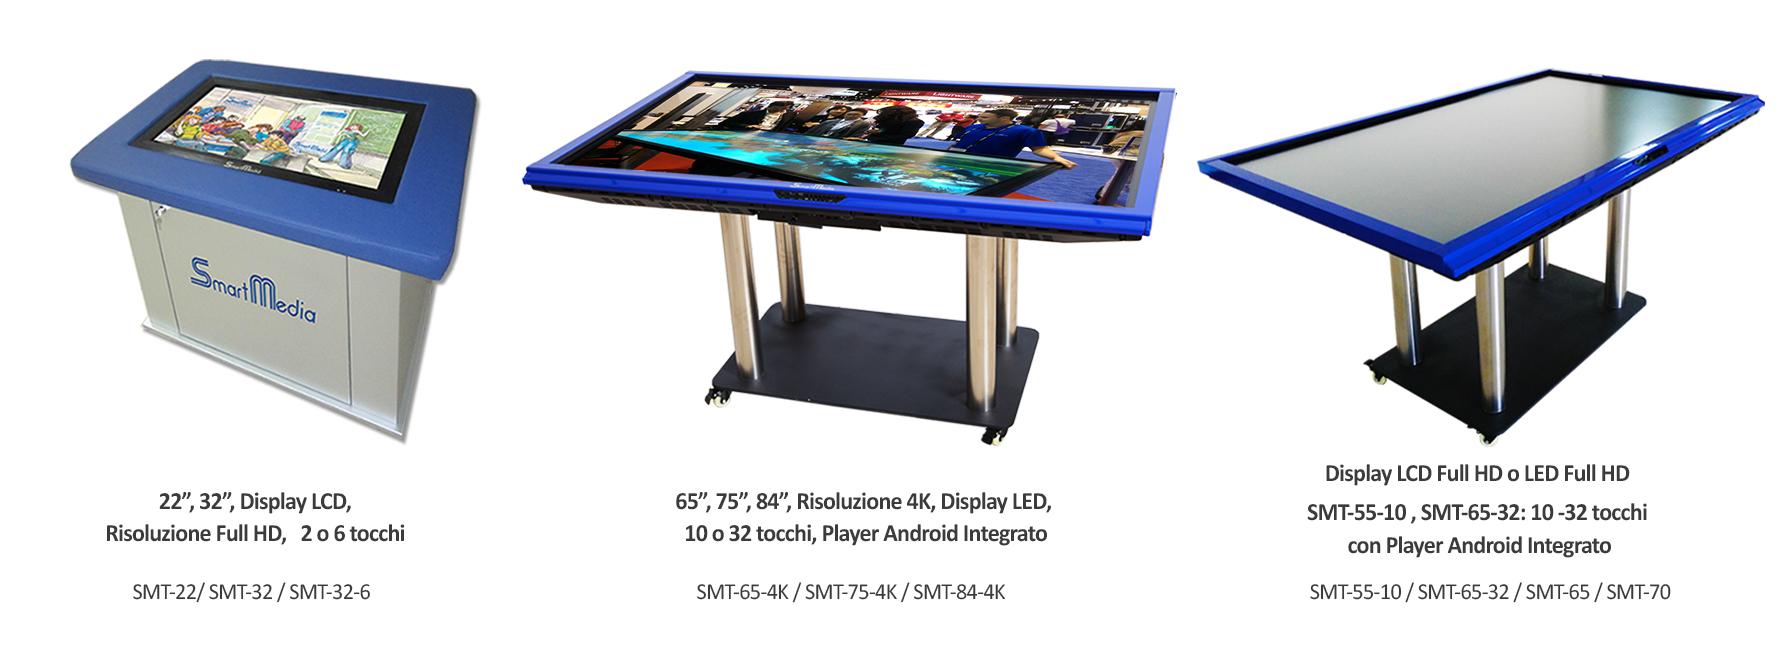 Tavoli interattivi smartmedia srl - Tavoli interattivi ...